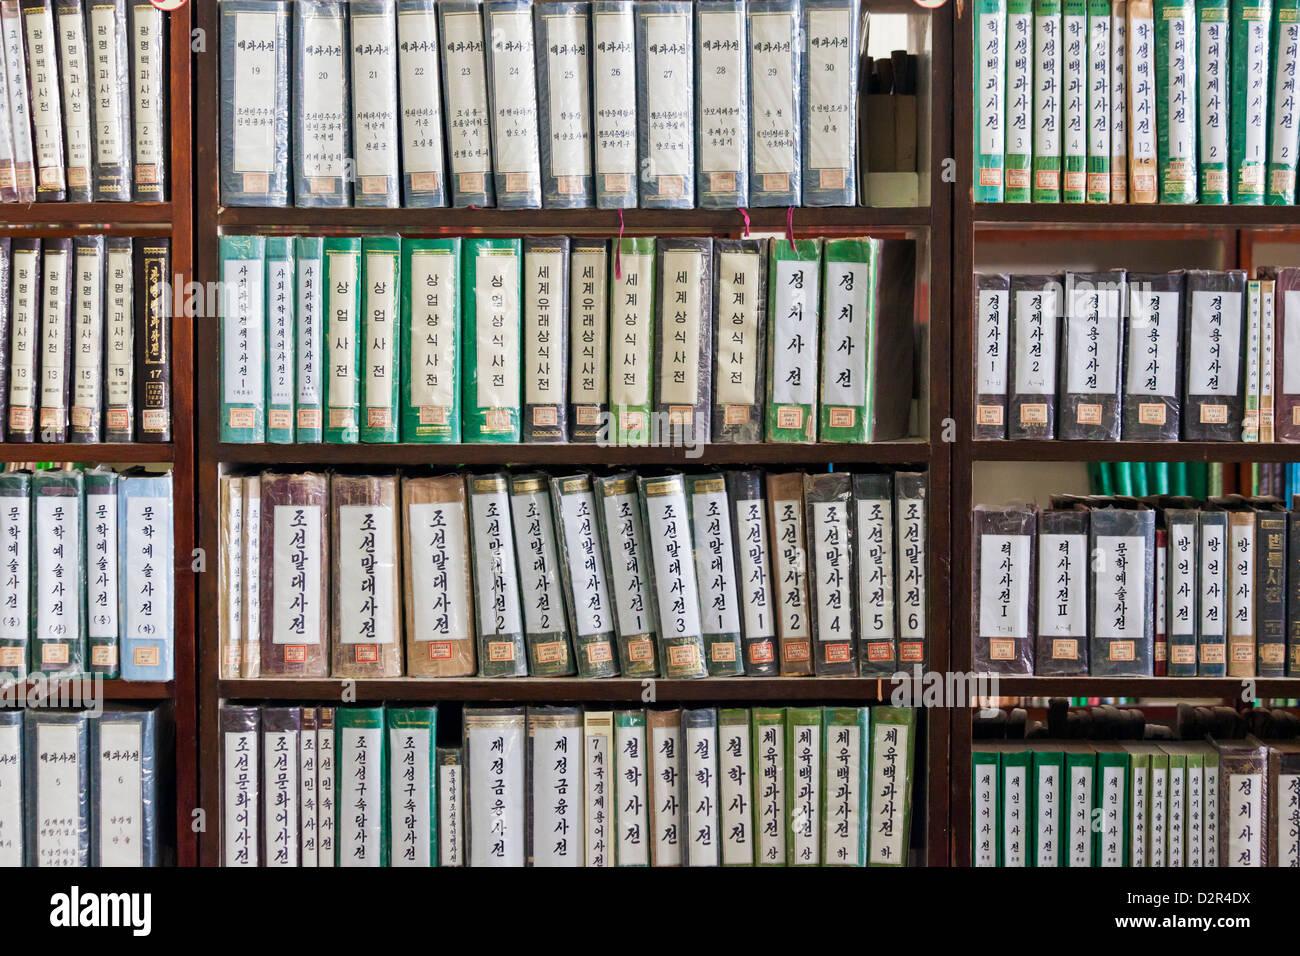 Estantería de libros, la Gran Casa de Estudios Populares, Pyongyang, República Popular Democrática Imagen De Stock